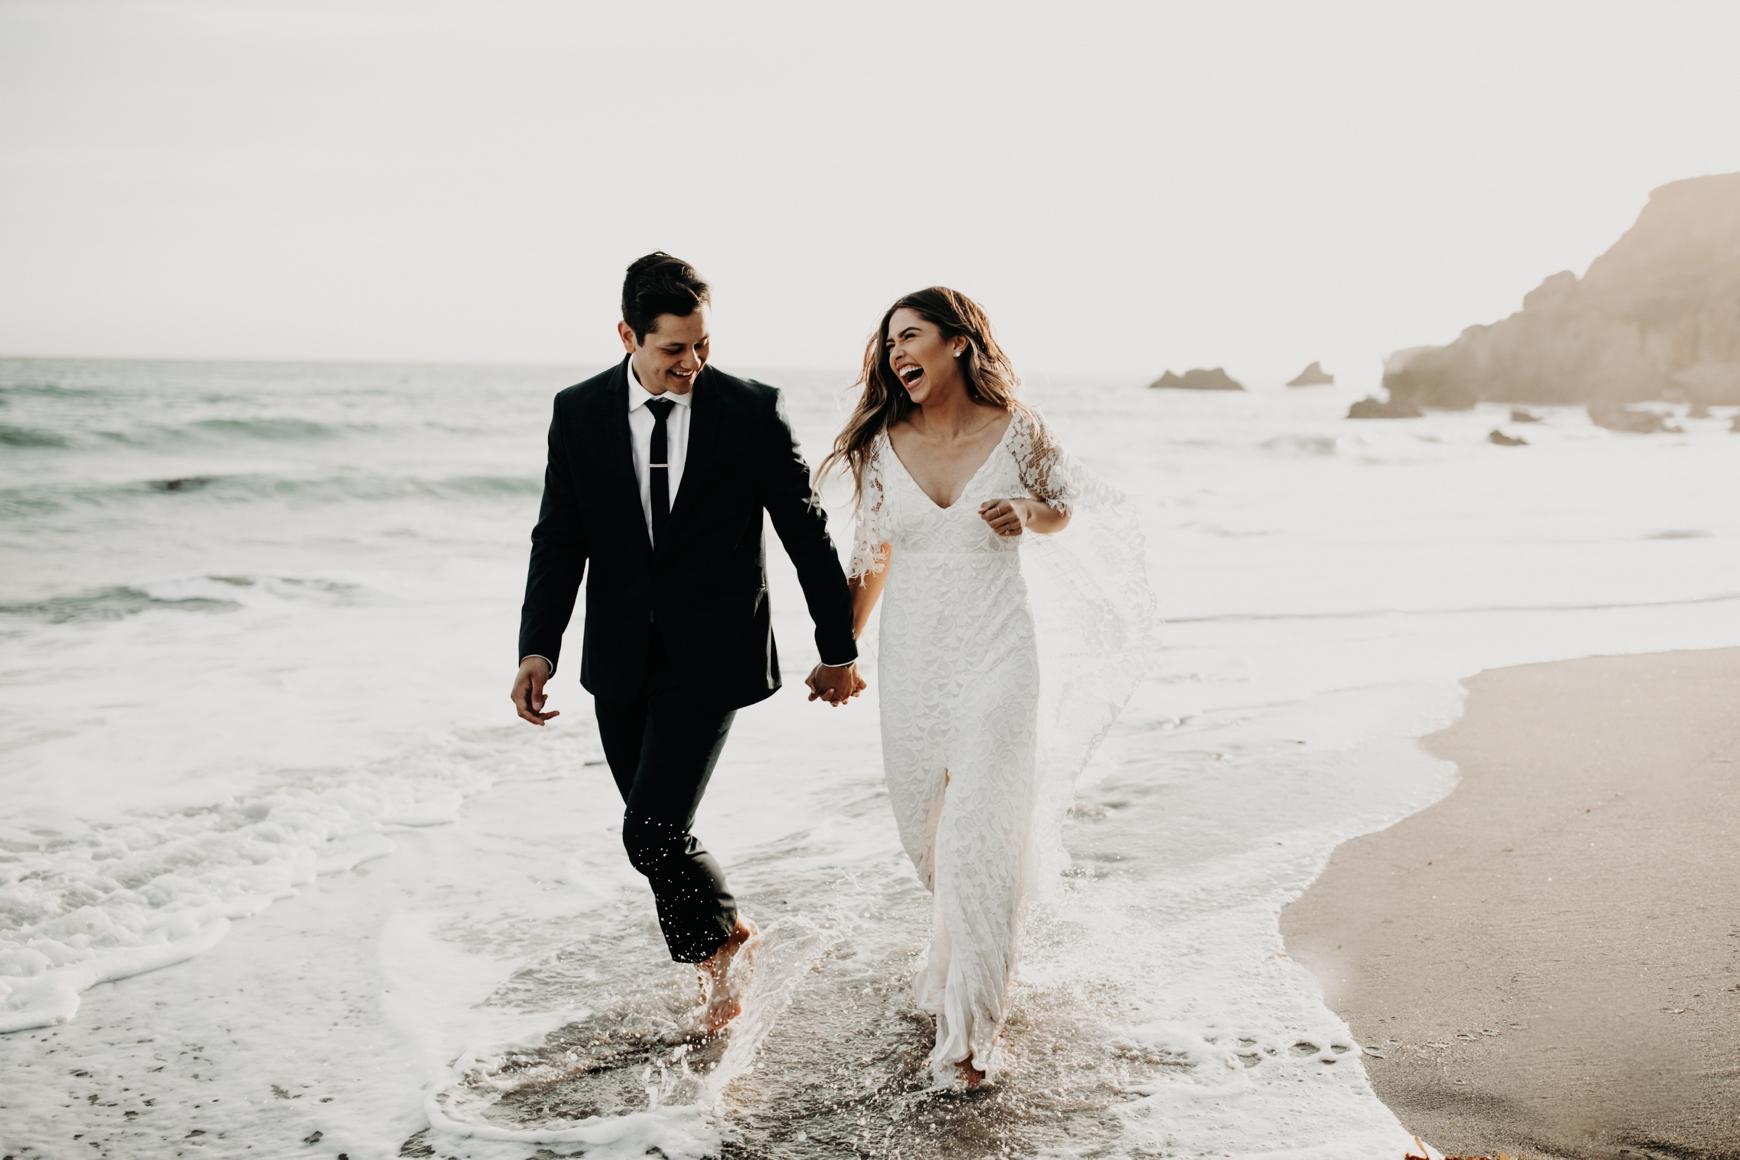 El Matador Beach Bridal Portraits Justellen & TJ Emily Magers Photography-274Emily Magers Photography.jpg